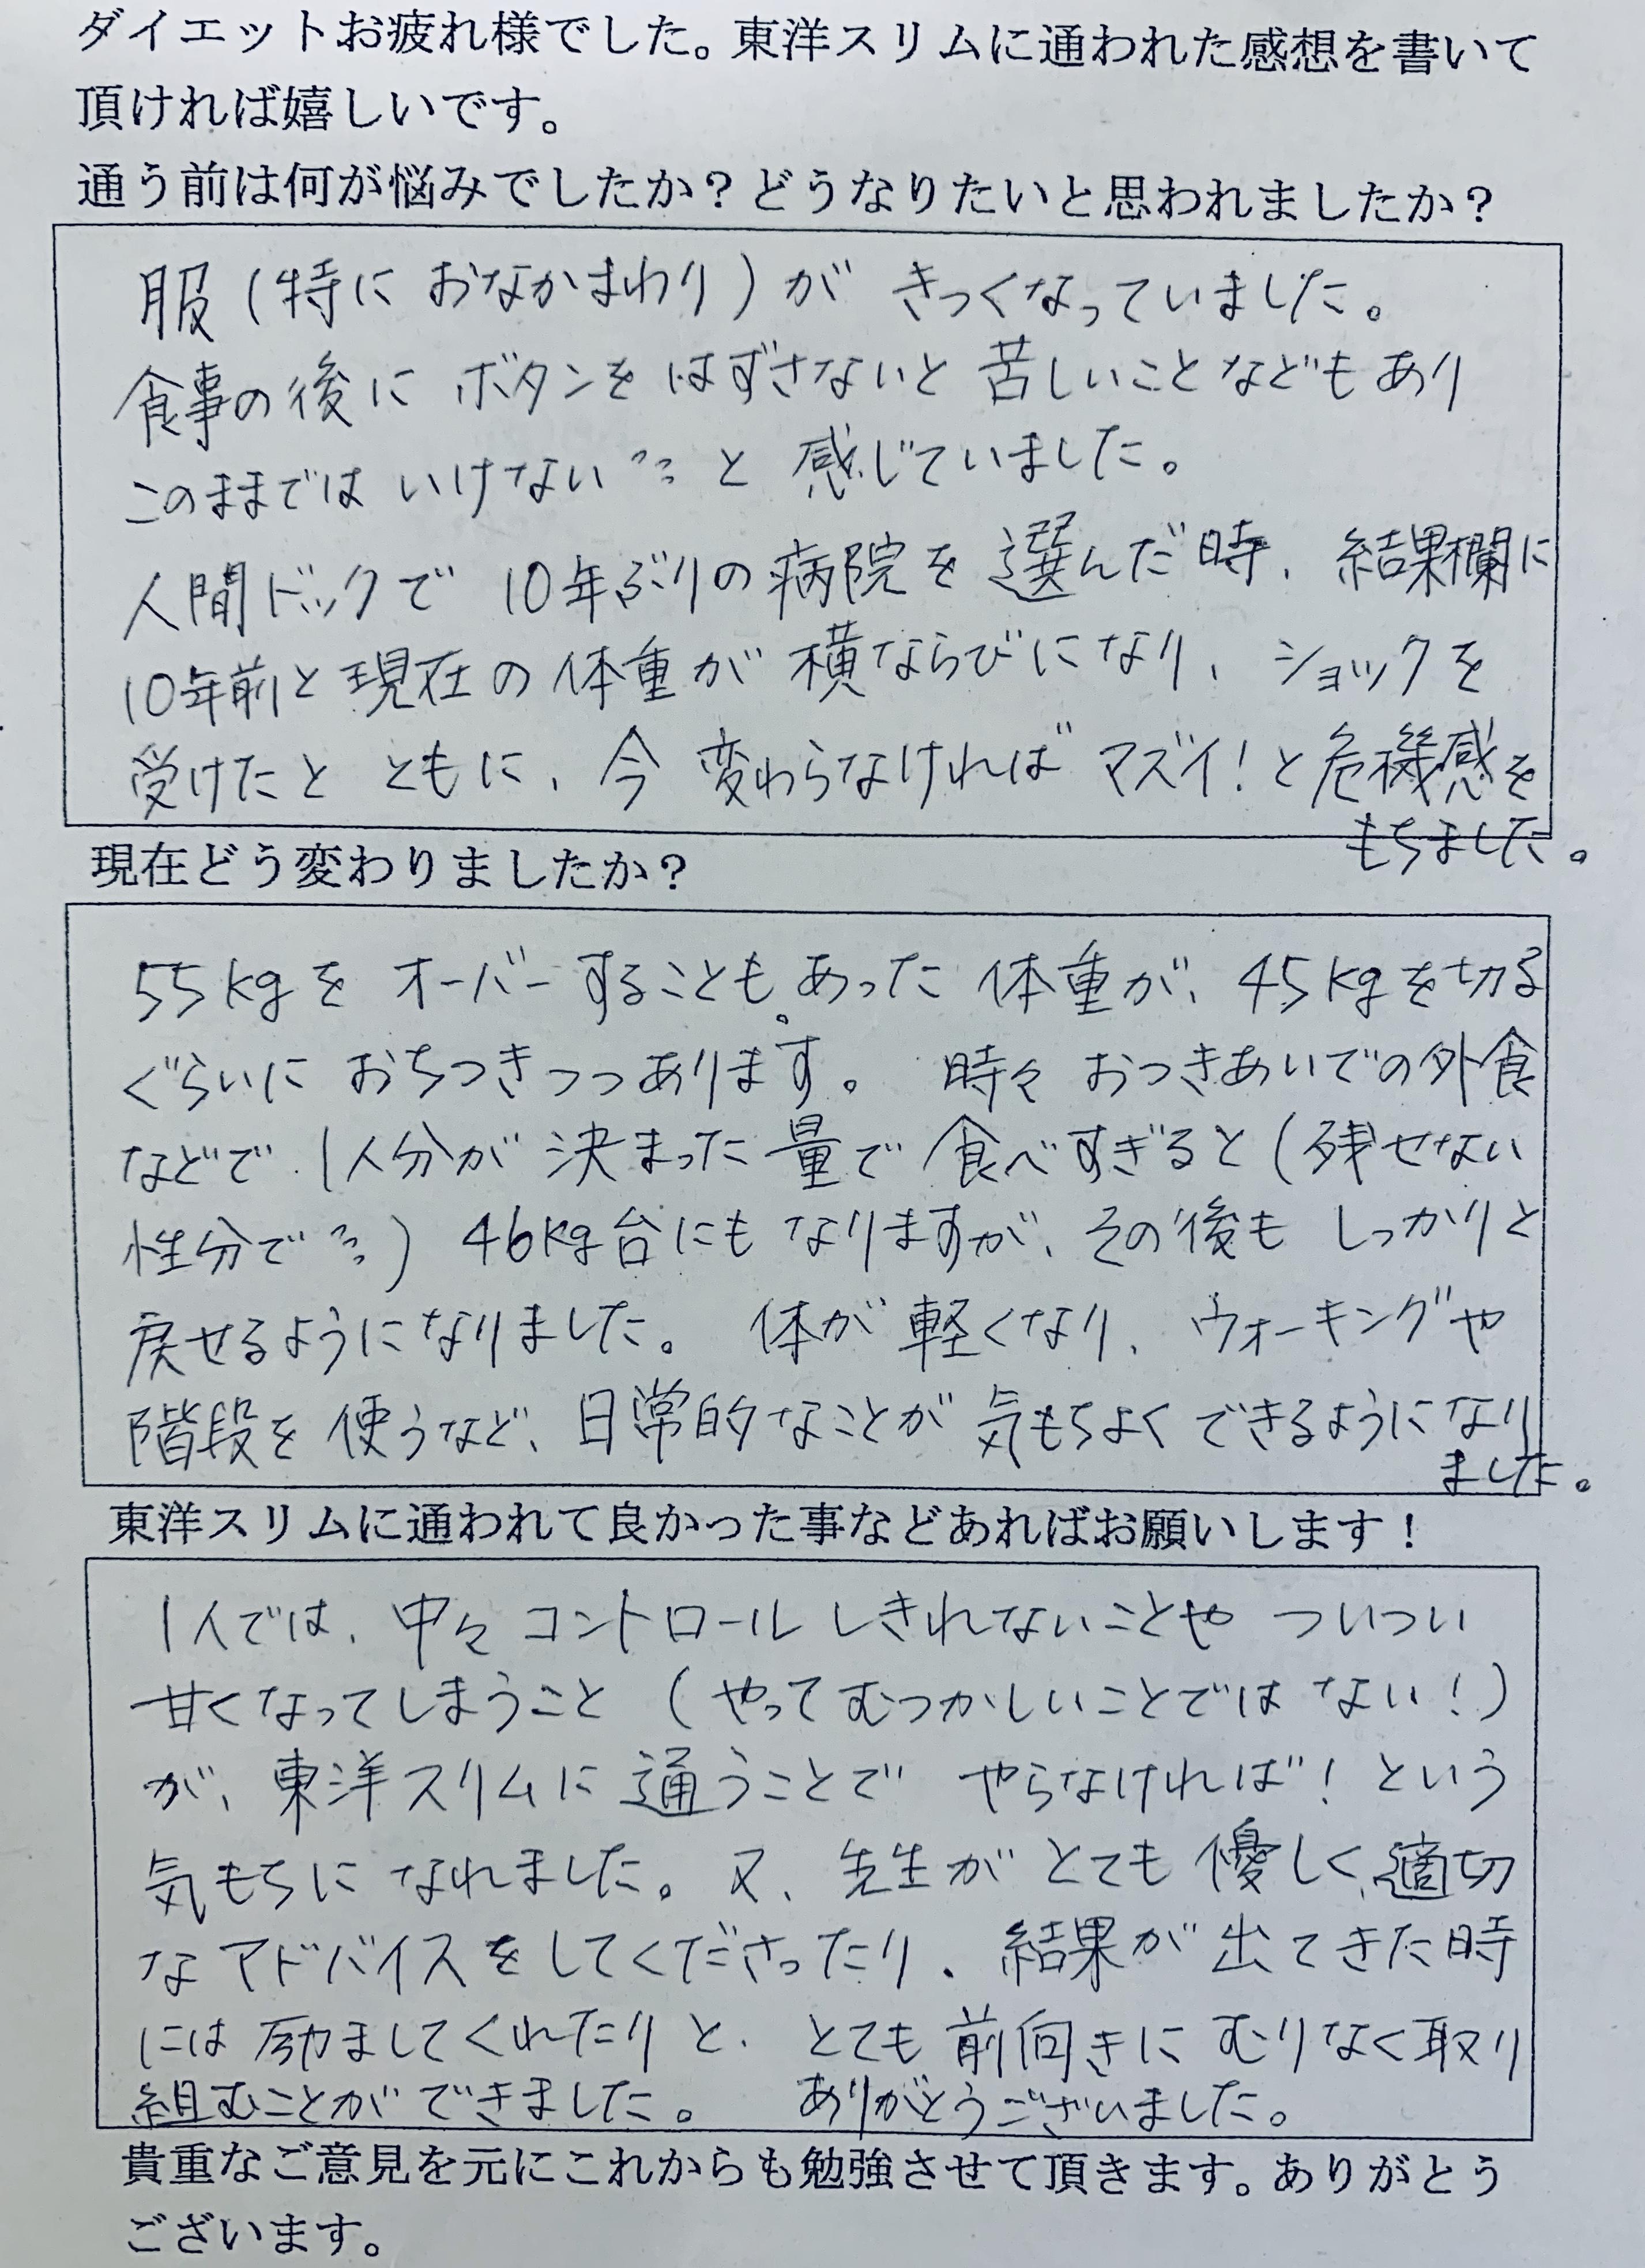 [皆様の声]耳鍼ダイエット 大阪府堺市Rさん(40代後半)通うことでやらなければ!という気持ちになれました。体脂肪率13.2%に。